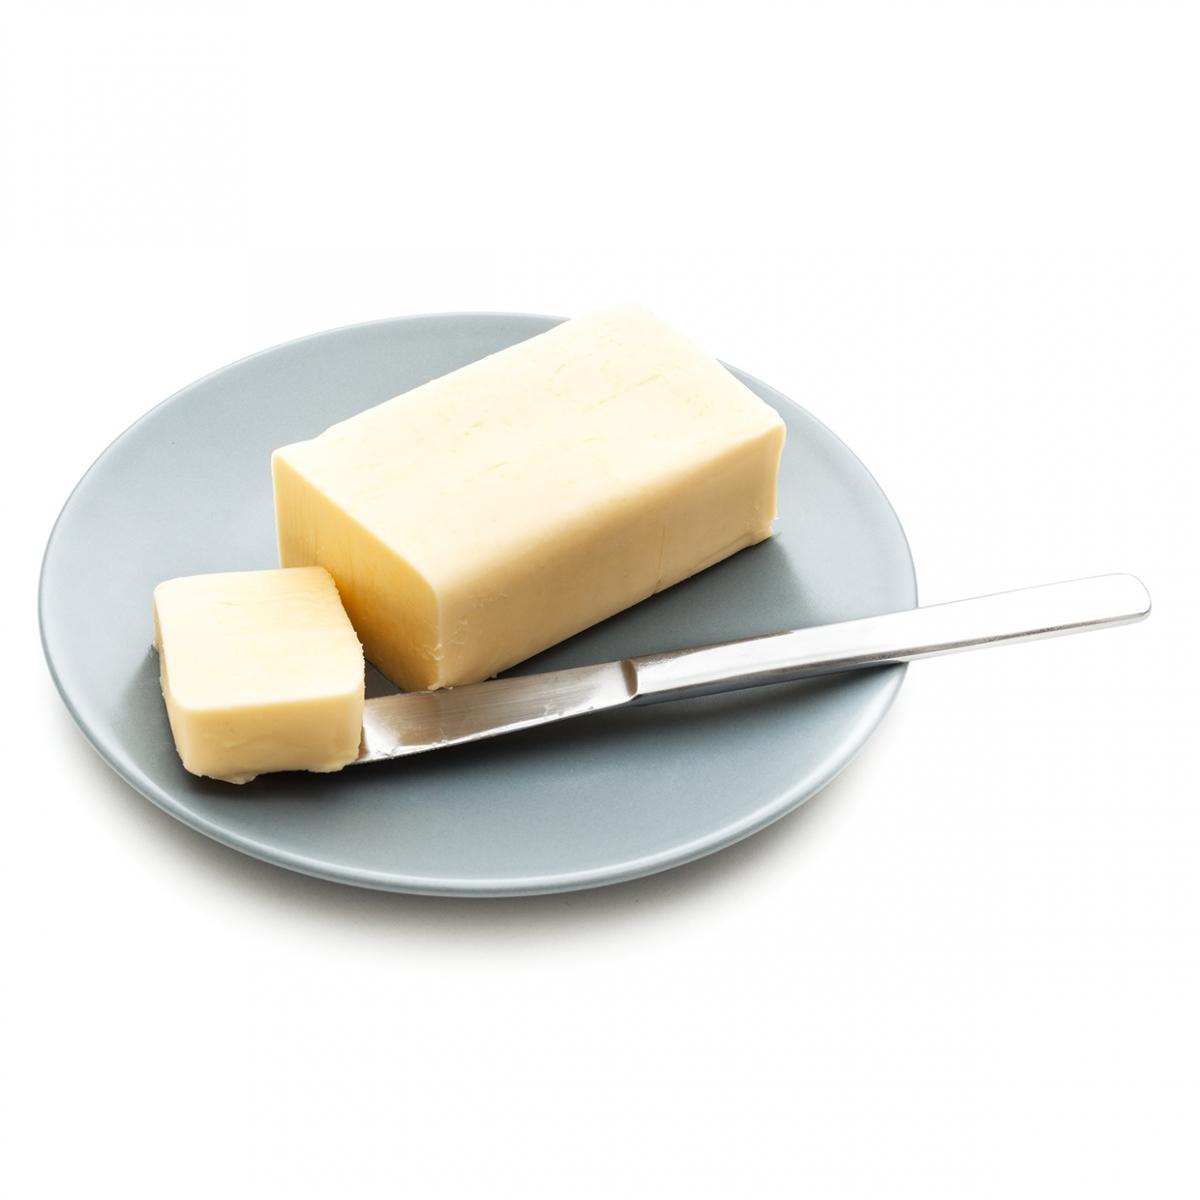 Imagen en la que se ve un bloque de mantequilla sobre un plato y con un trozo cortado encima de un cuchillo